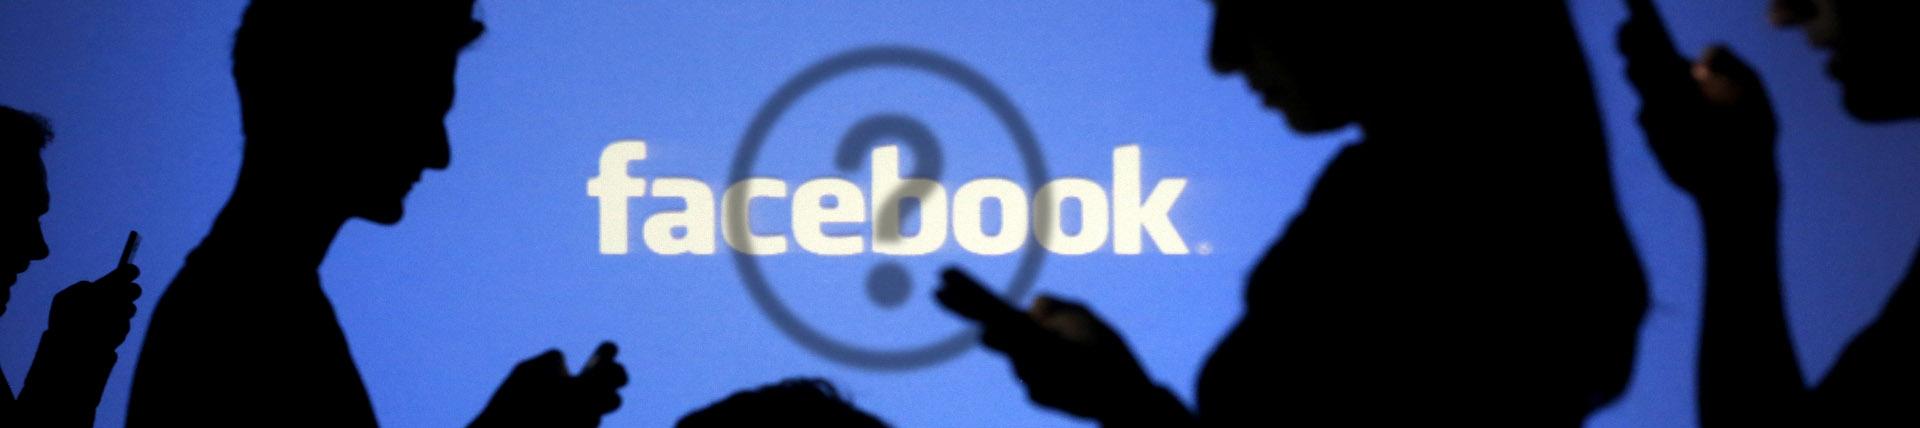 买商标、买域名,社交巨头Facebook的区块链宏图开始了!